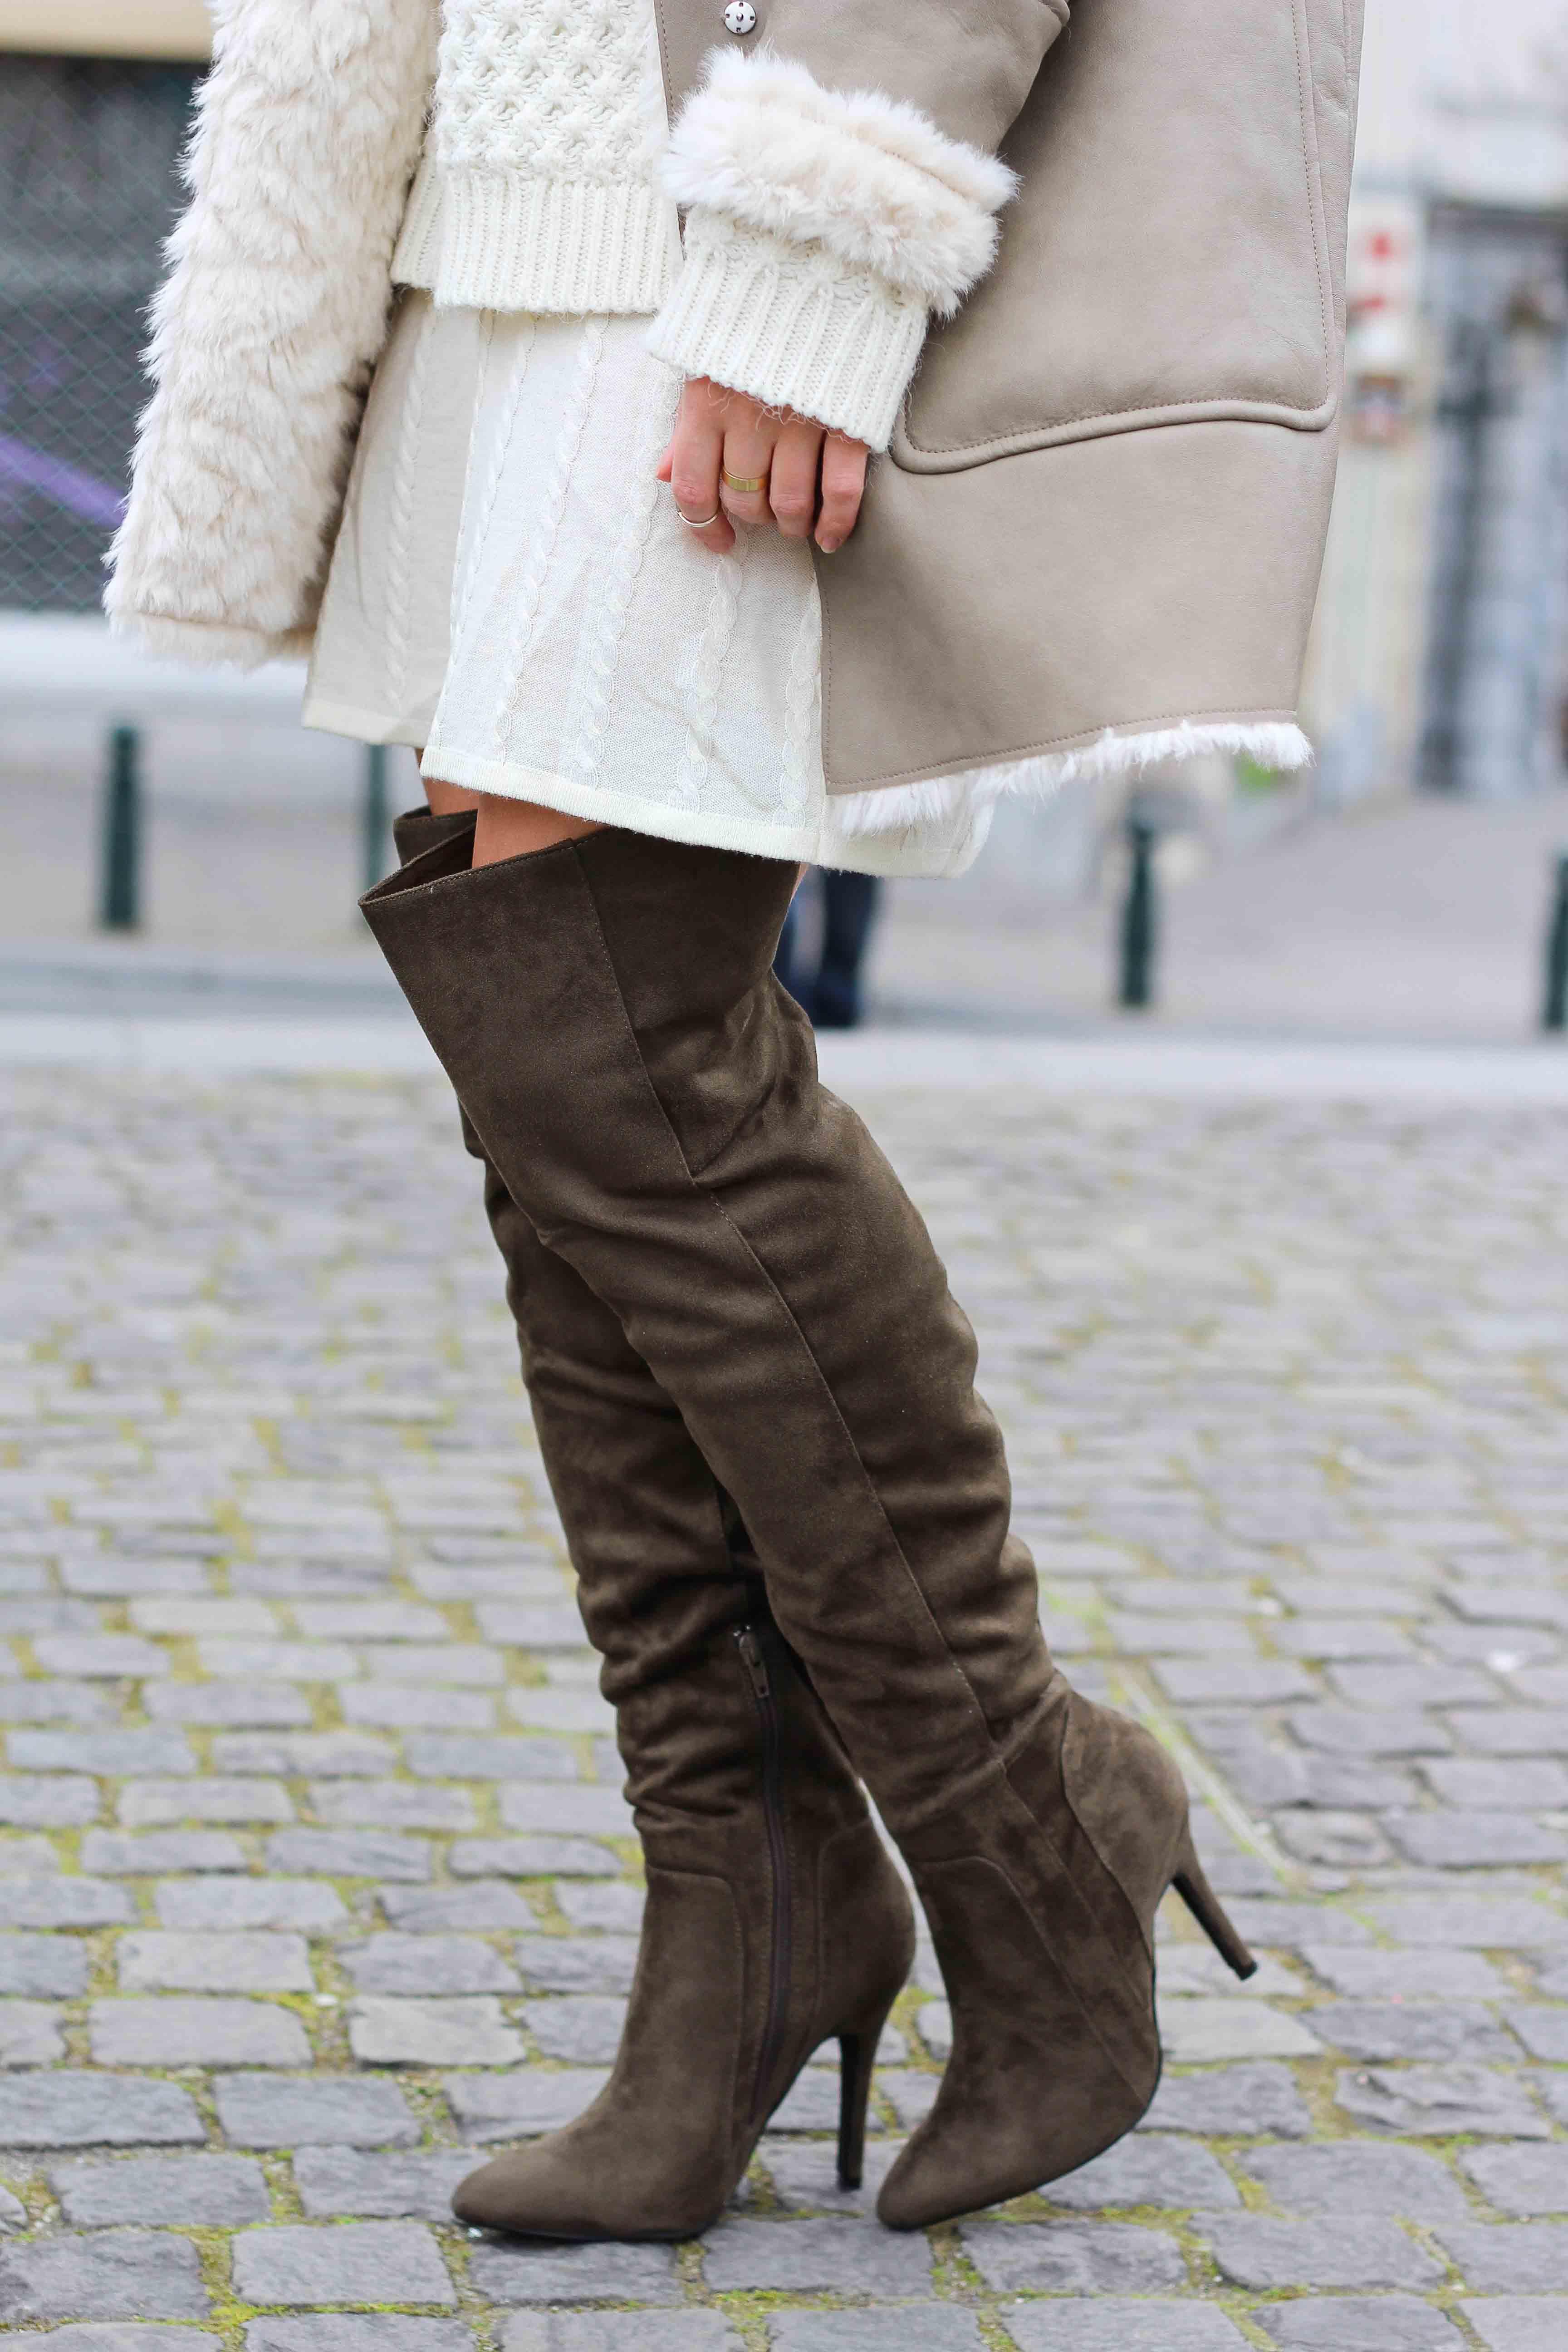 Grüne Overknees Zara Ledermantel Overknee Stiefel Nude Wollkleid Fashion Look Modeblog 5